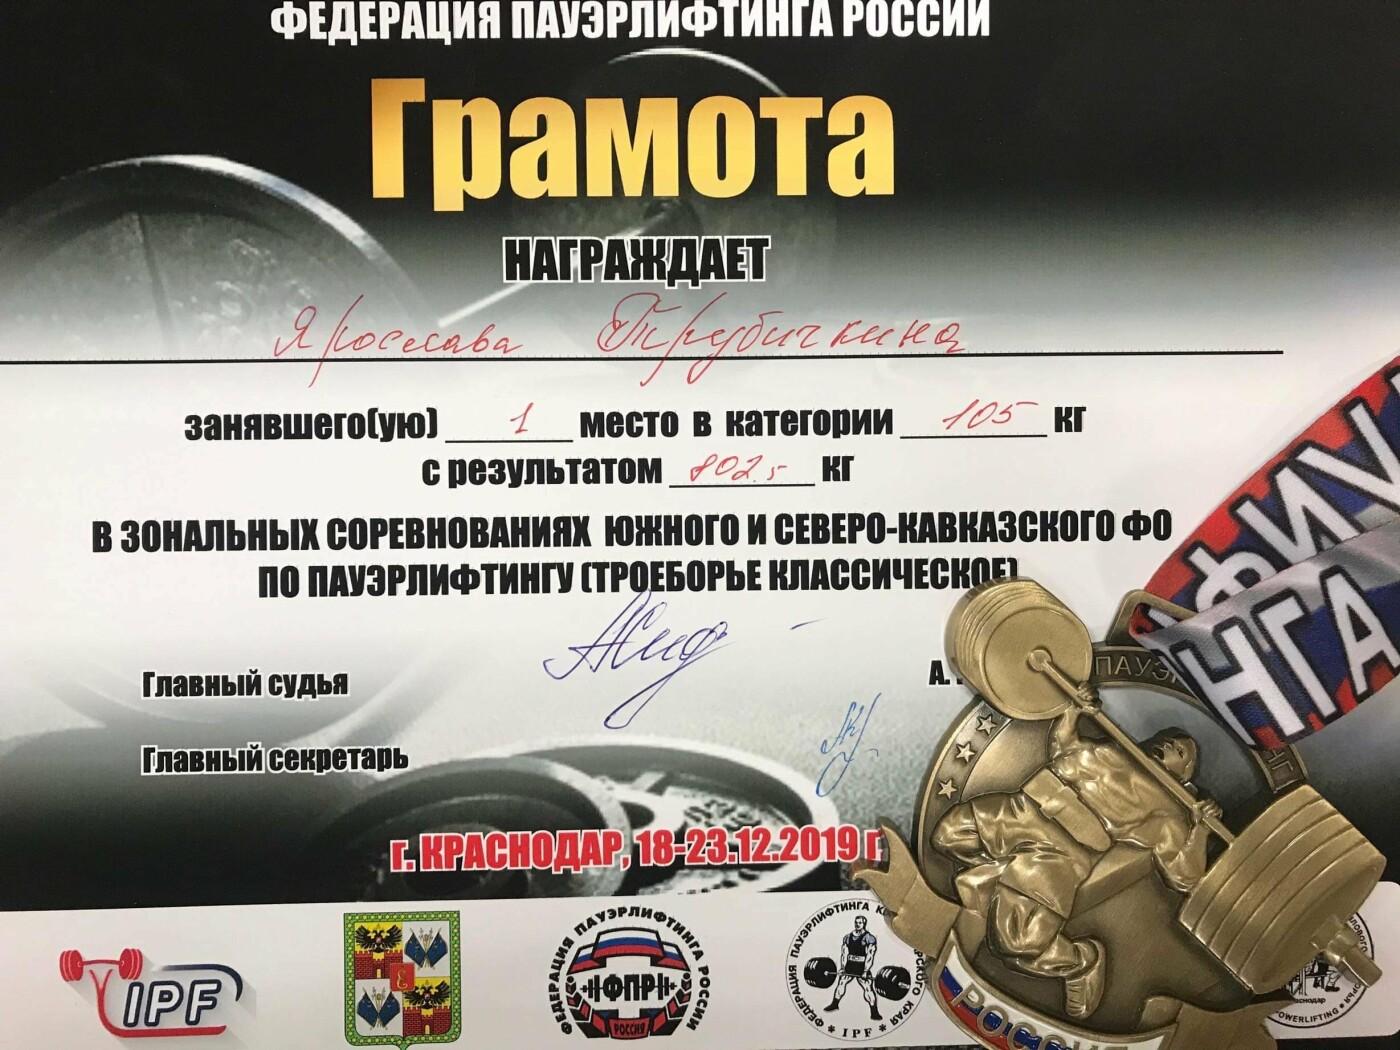 Спортсмены из Ялты - призёры соревнований по троеборью в Краснодаре , фото-2